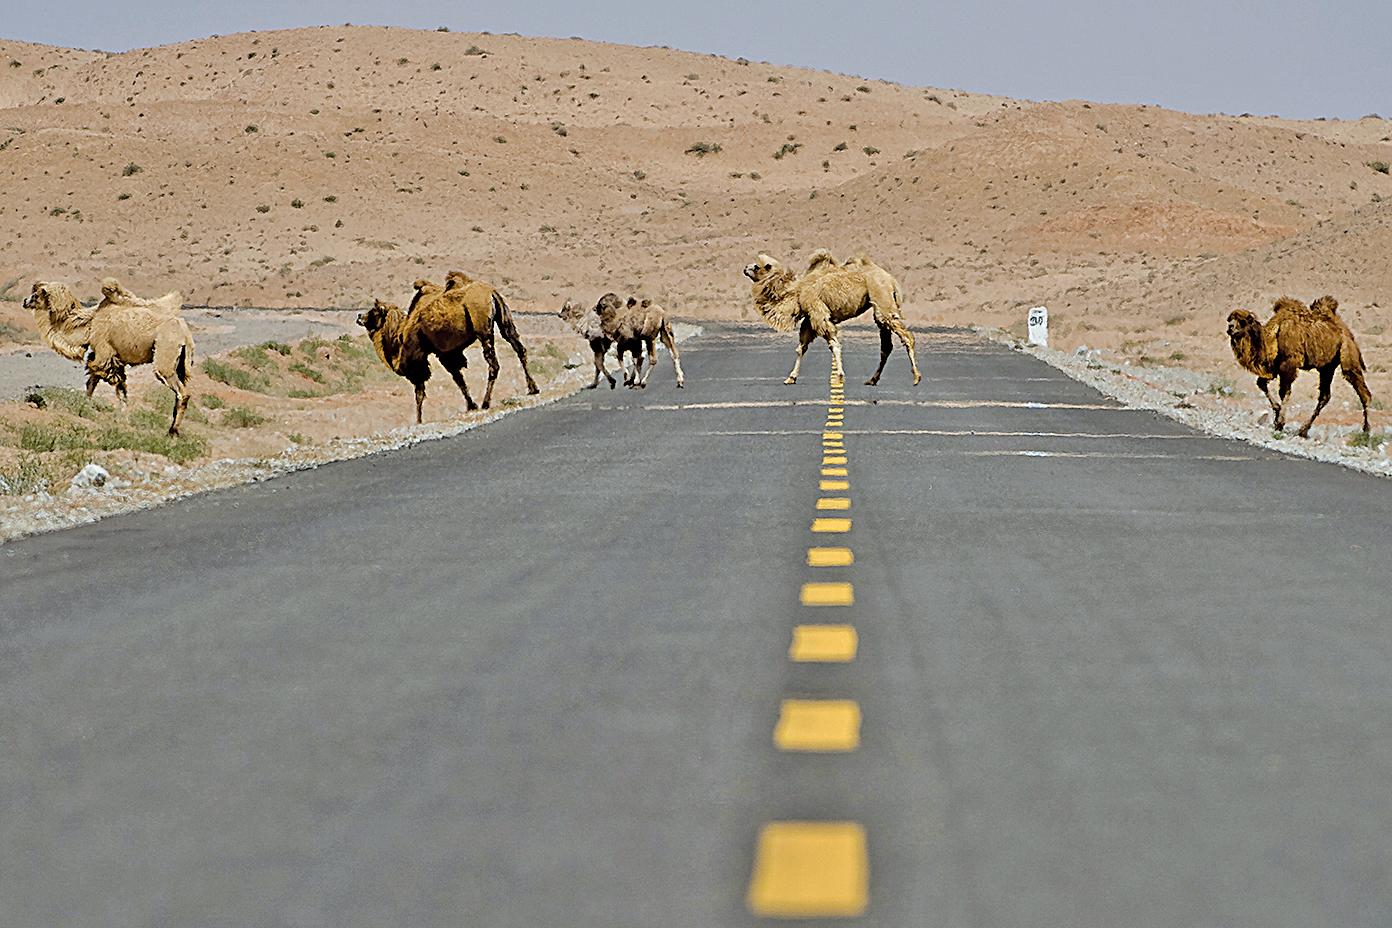 中國的新絲綢之路存在風險隱憂等多重難題。(大紀元資料室)